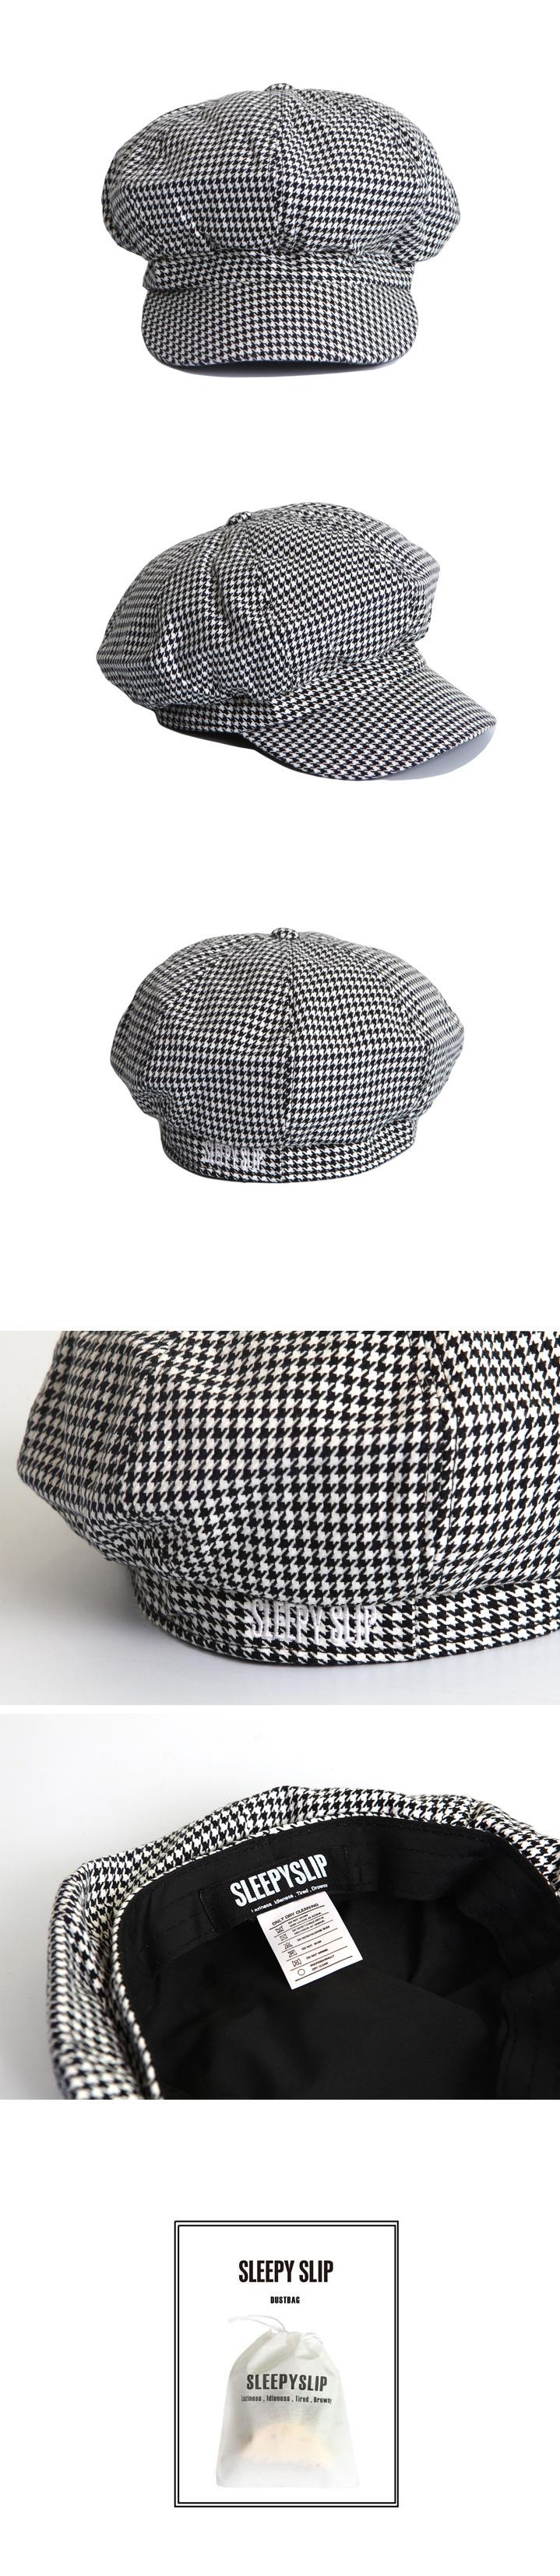 슬리피슬립(SLEEPYSLIP) [unisex]GLENCHECK BLACK NEWSBOY CAP